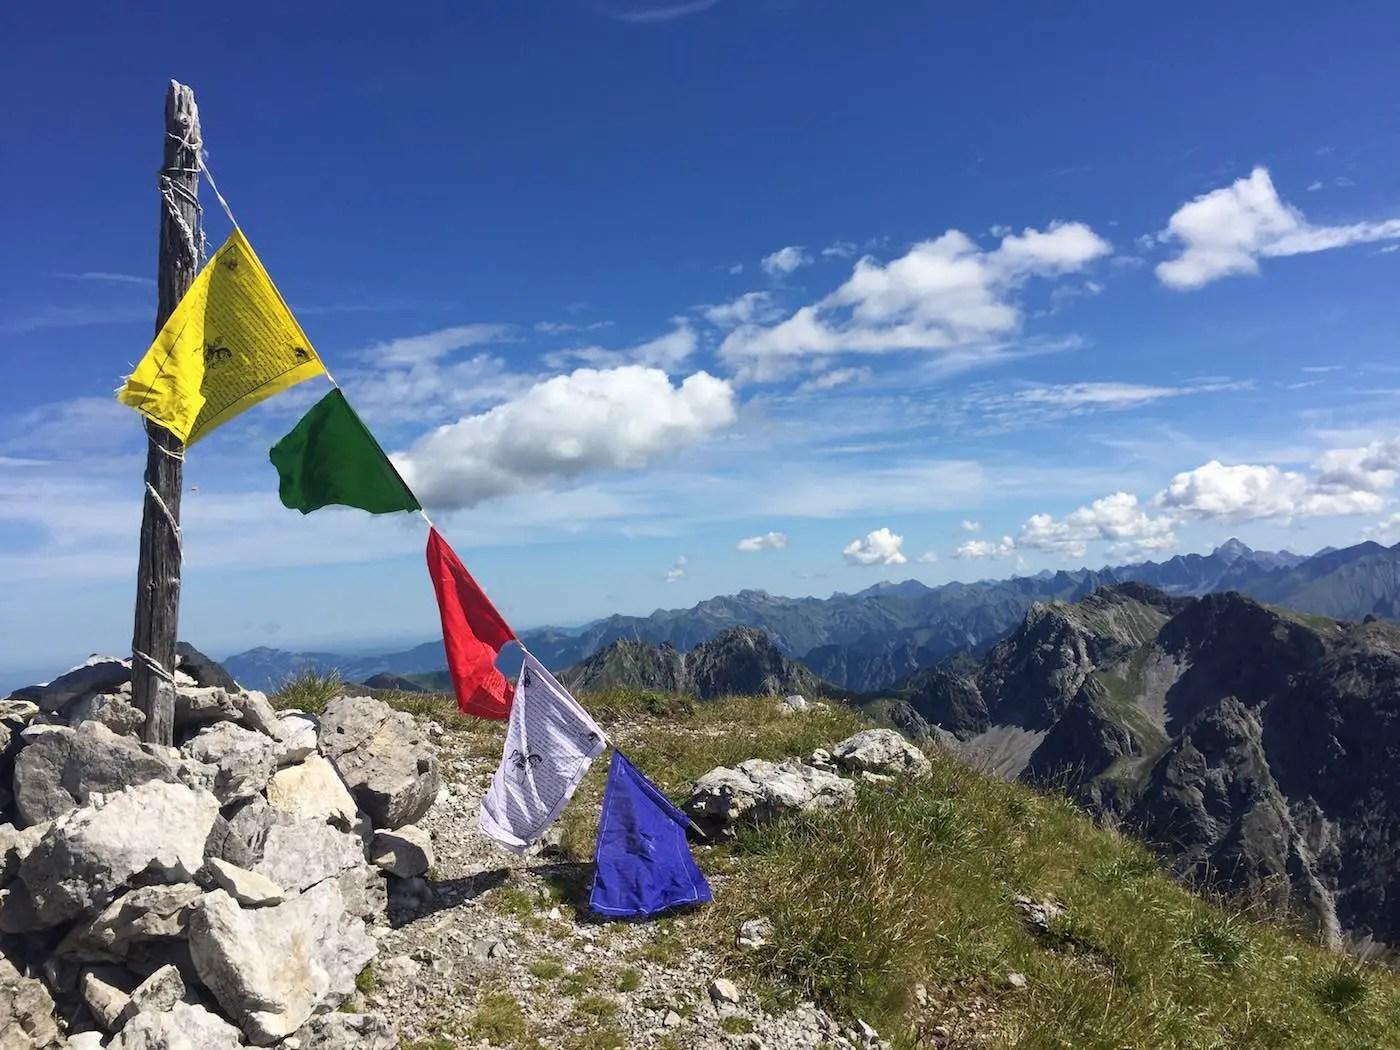 Liechelkopf Gipfelbereich